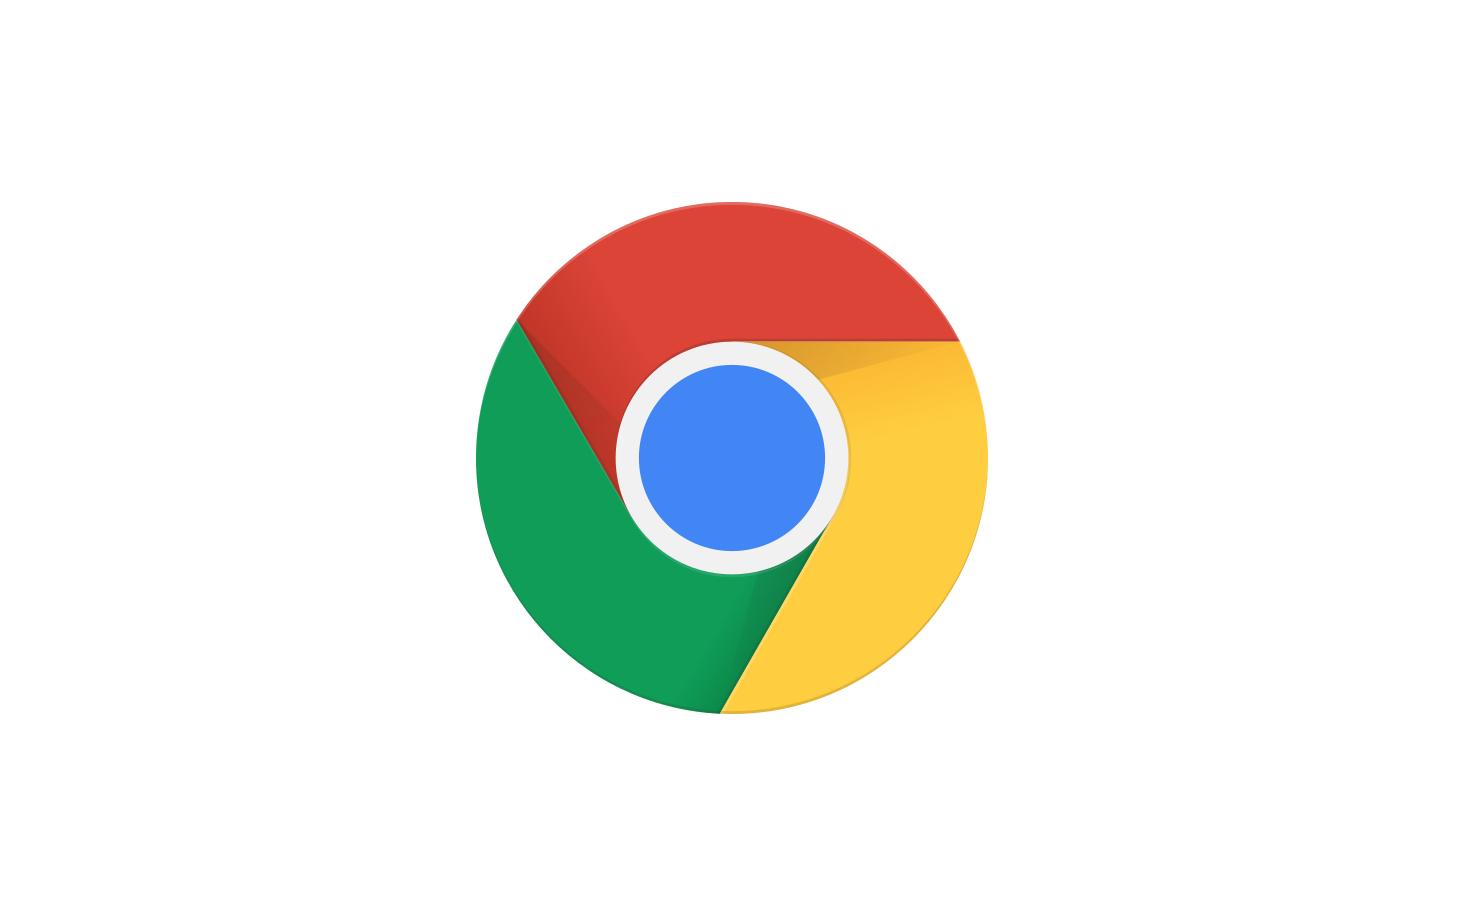 Chromeの全画面表示で色がおかしい時の対処法